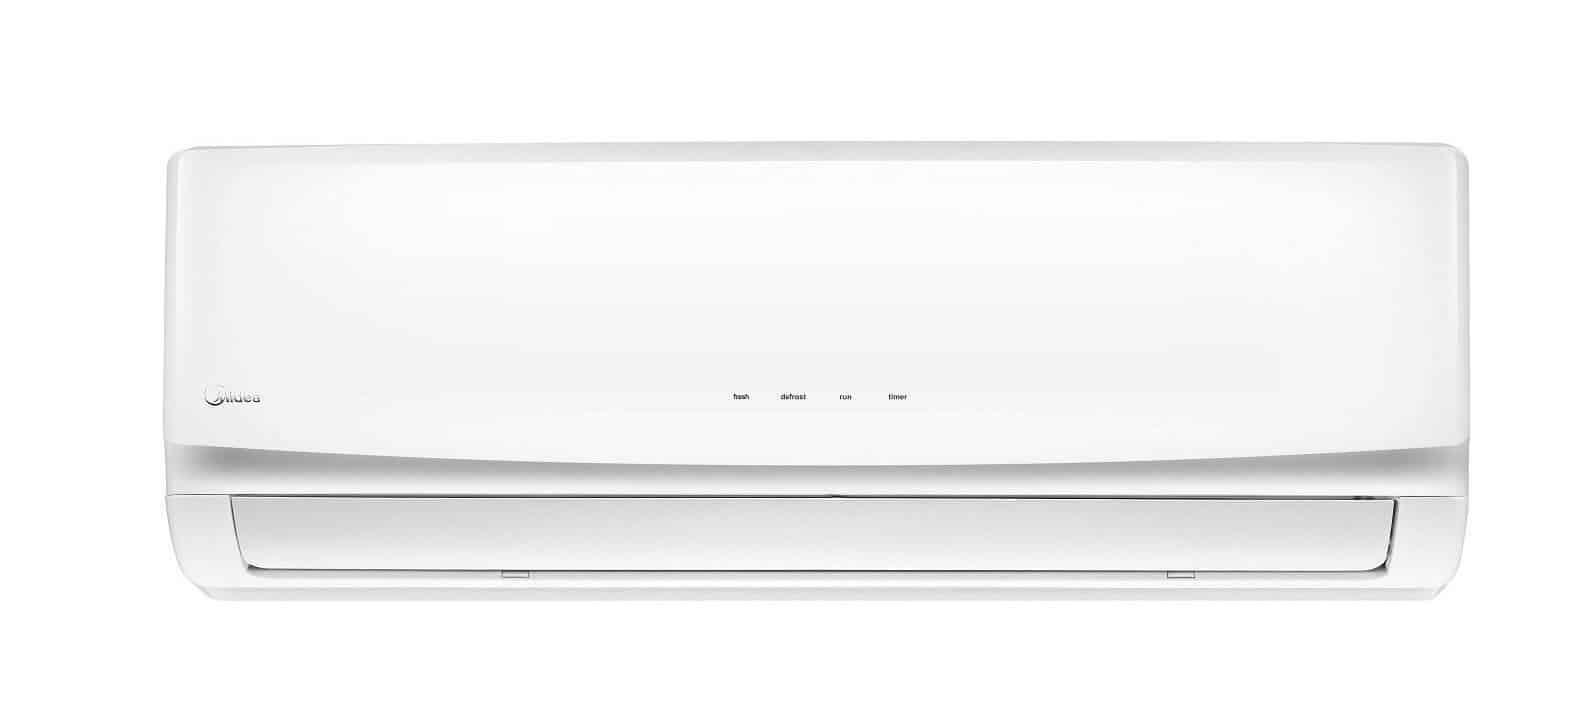 MIDEA MS12FU-12HRDN1 - tehnologia Inverter si putere 12000 BTU